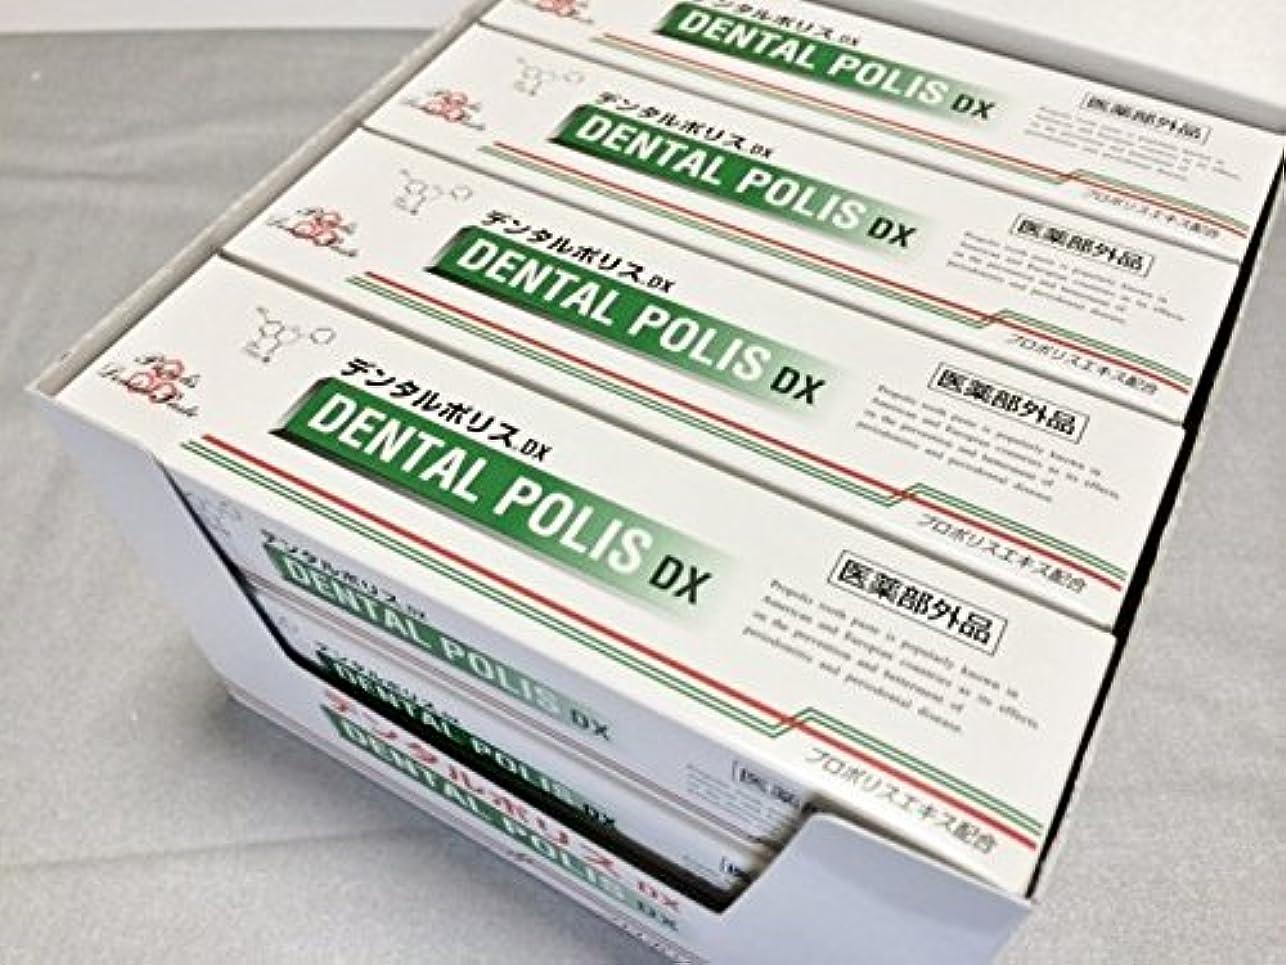 誕生意志に反する神経障害デンタルポリス DX 12本セット 医薬部外品